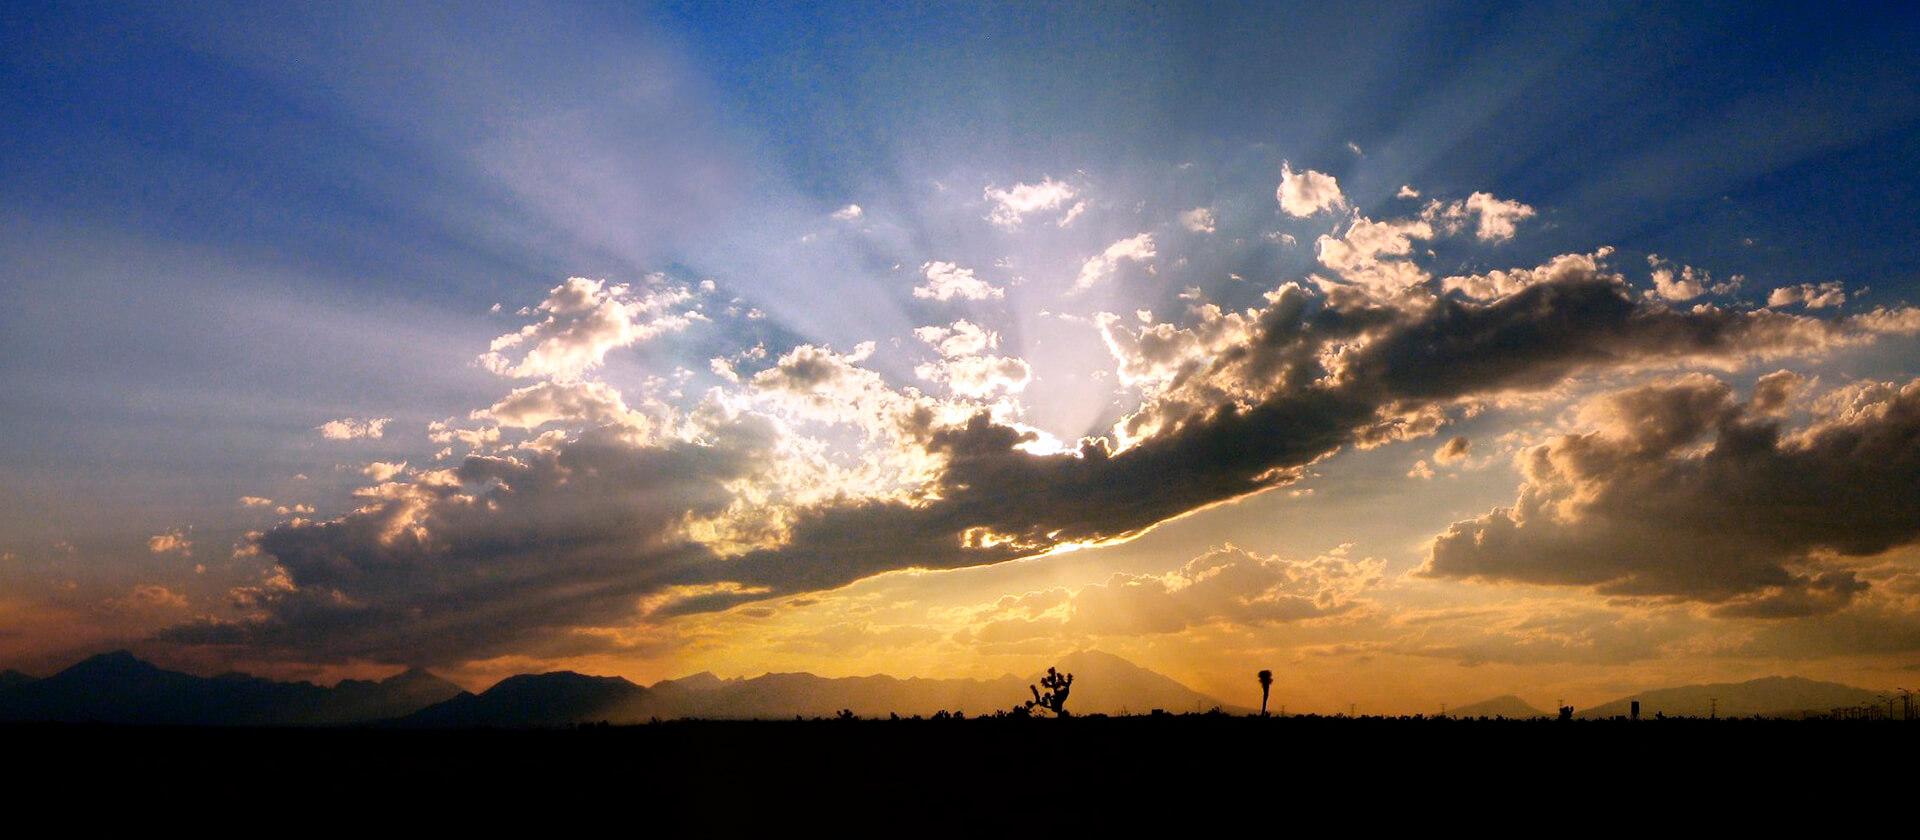 «Sublime creación de Dios» 40 x 122 cms